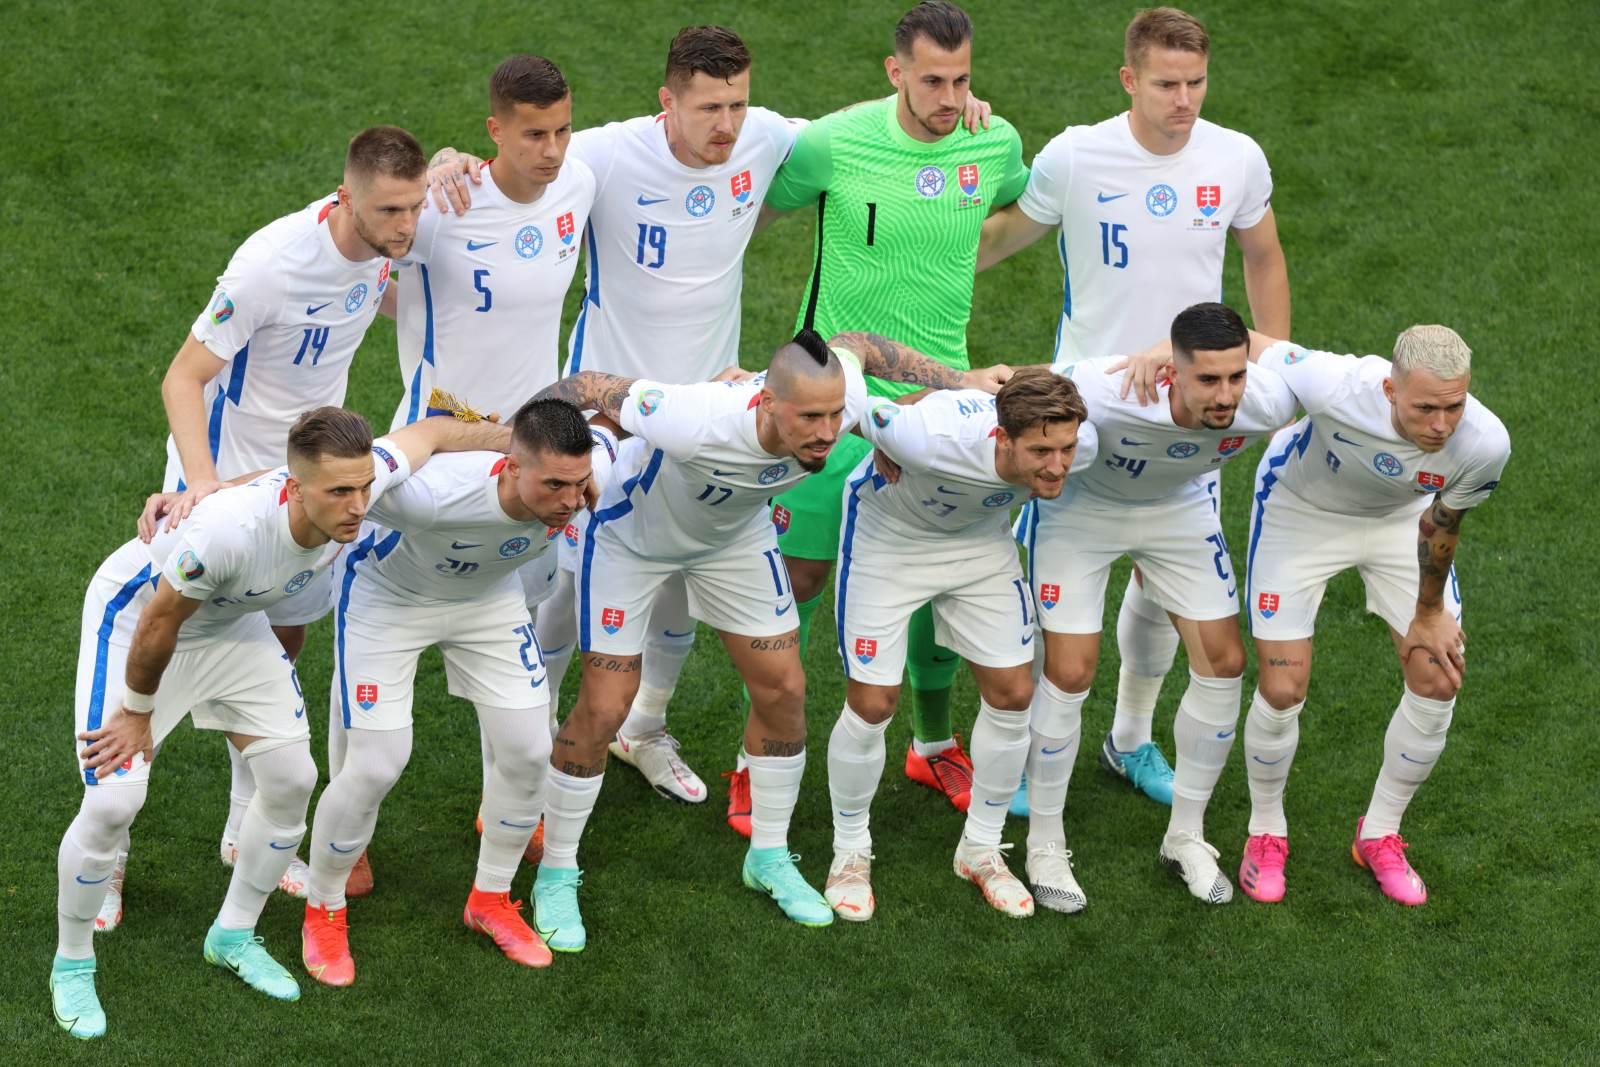 Экс-игрок сборной Словакии Шестак: «Матч с Россией будет очень равным, вязким и тягучим»